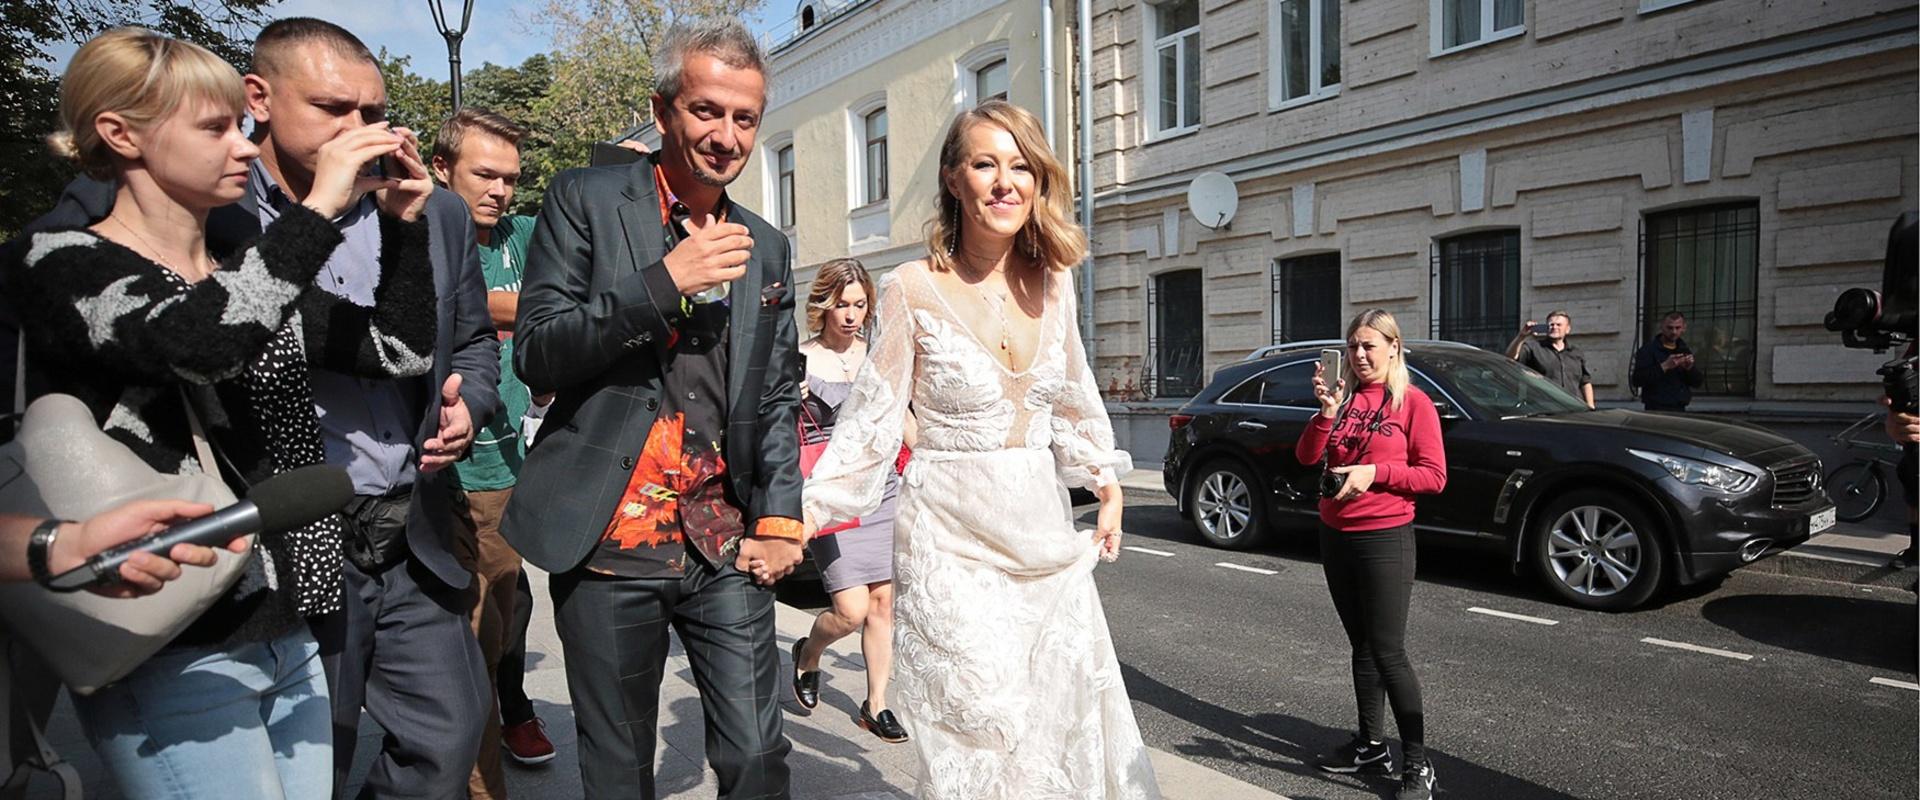 Экстравагантная свадьба Собчак и Богомолова